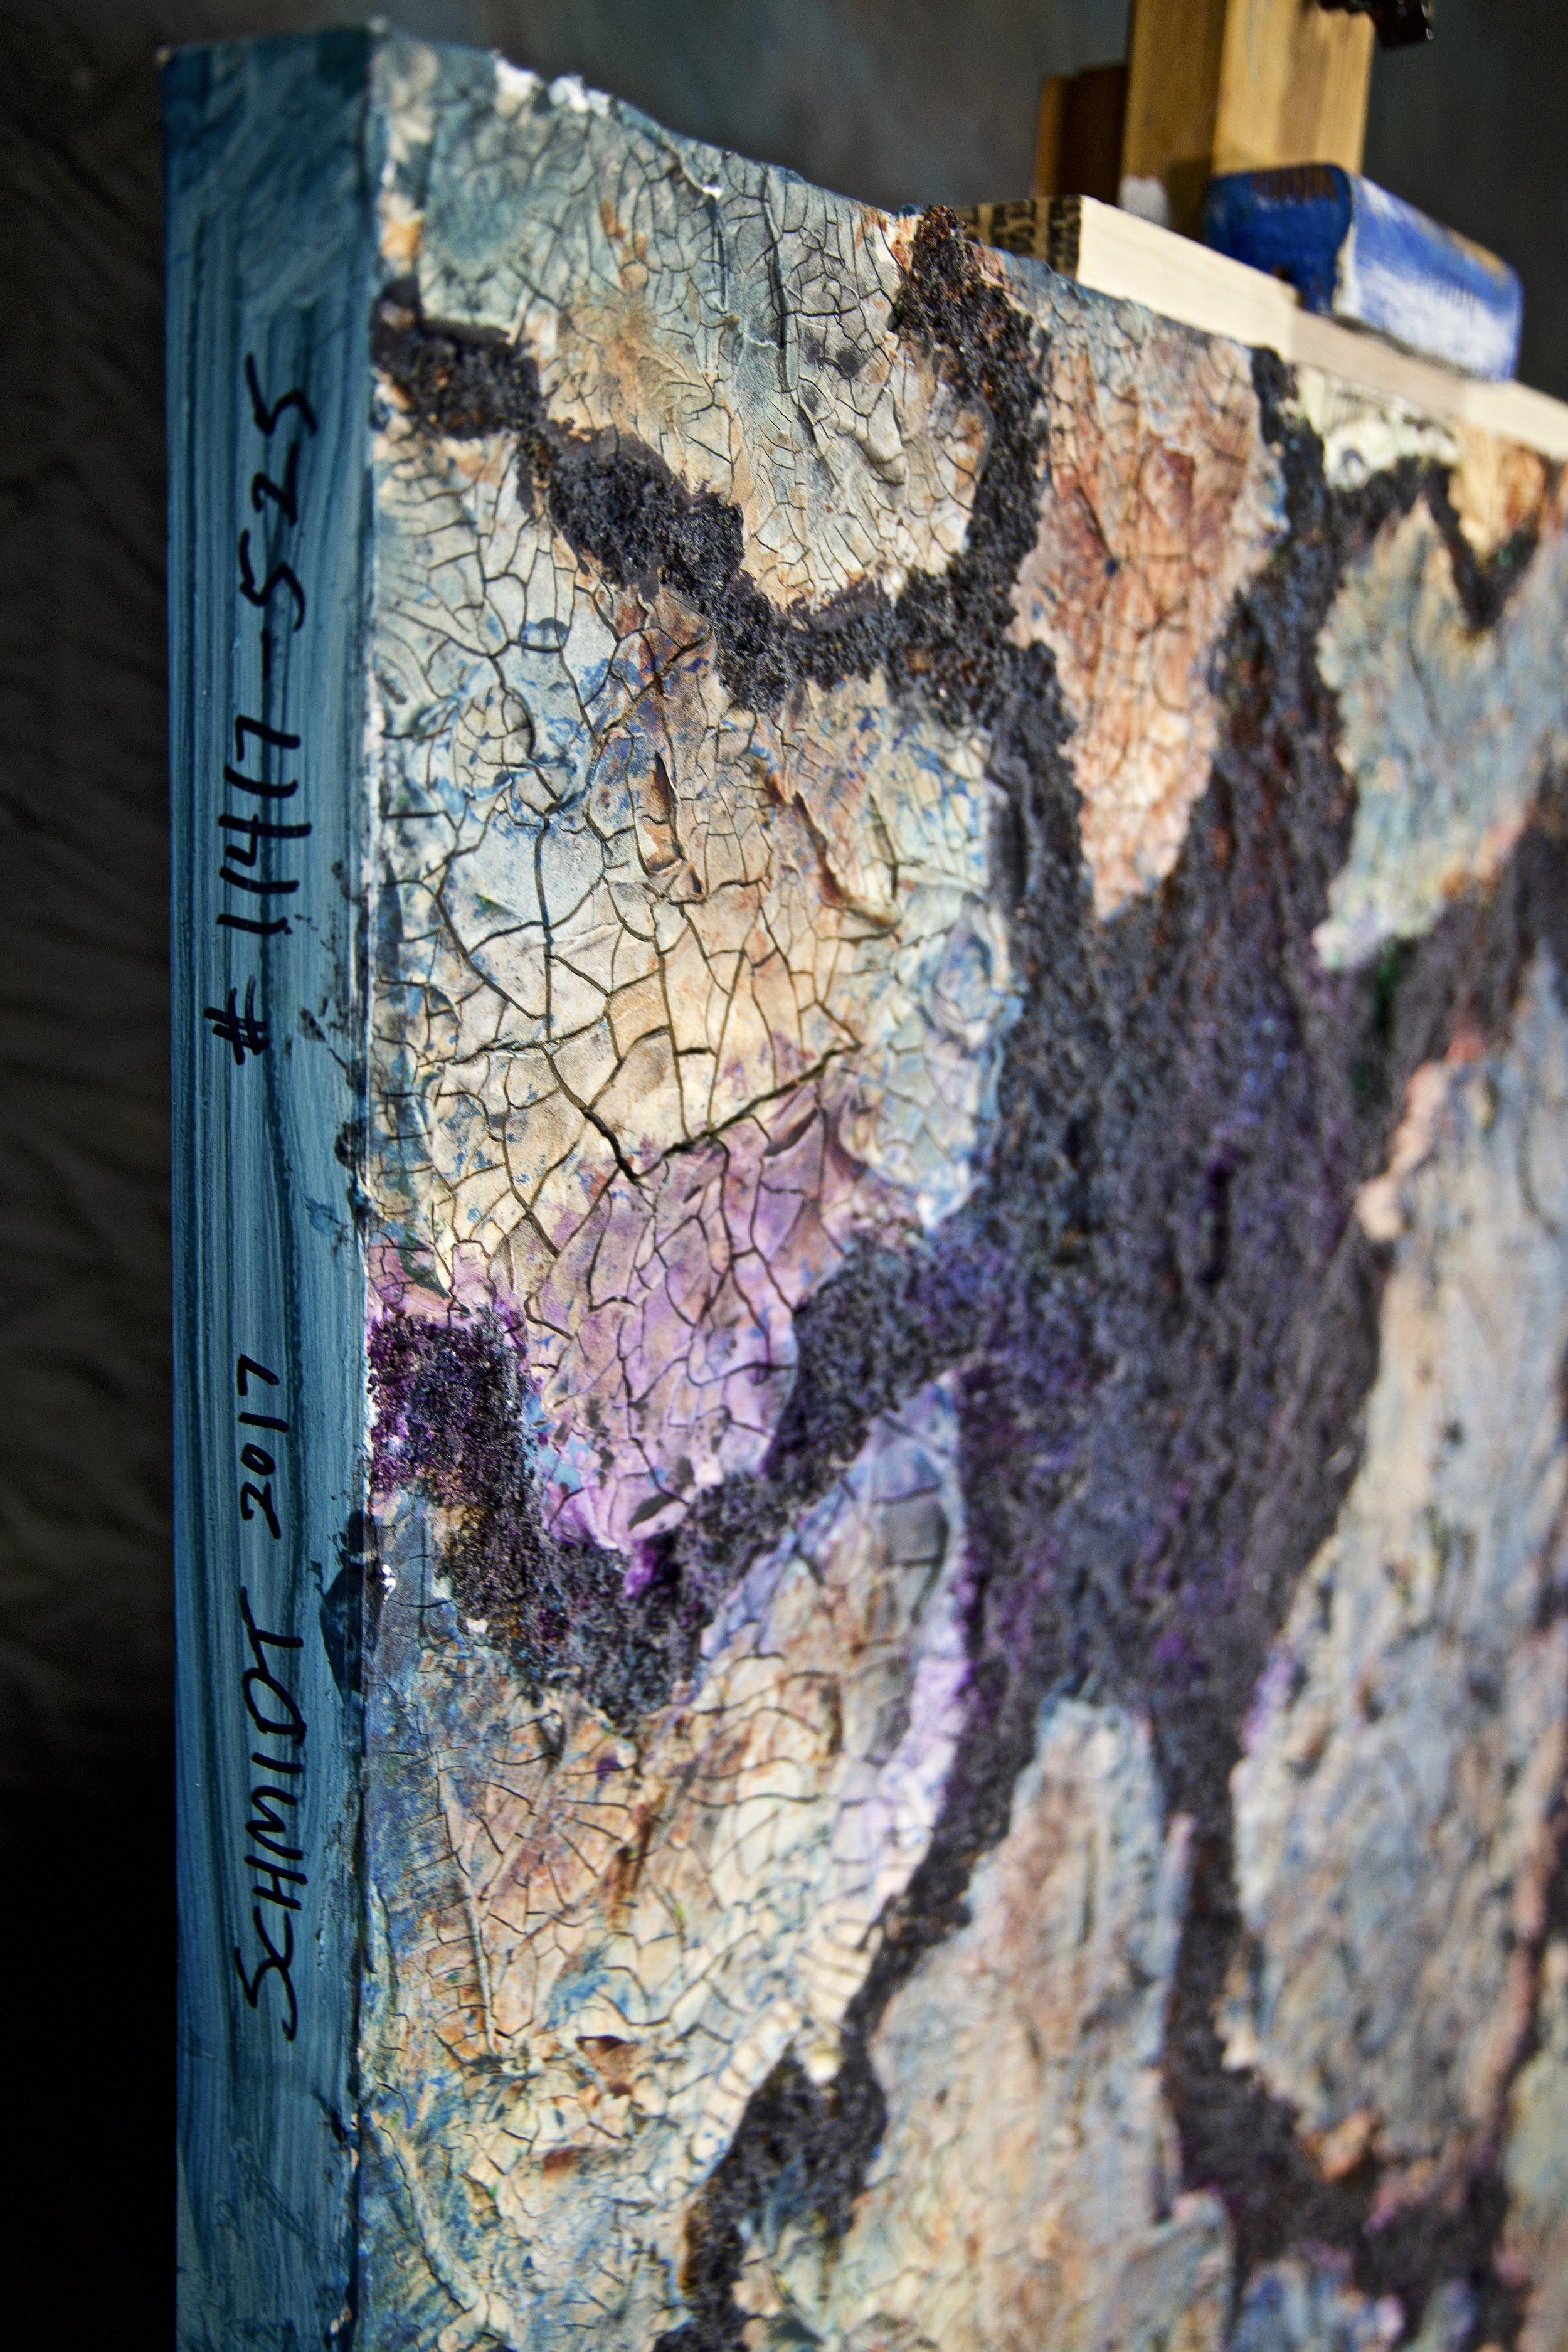 JWORK-11417-525-INFO-EDGE.jpg